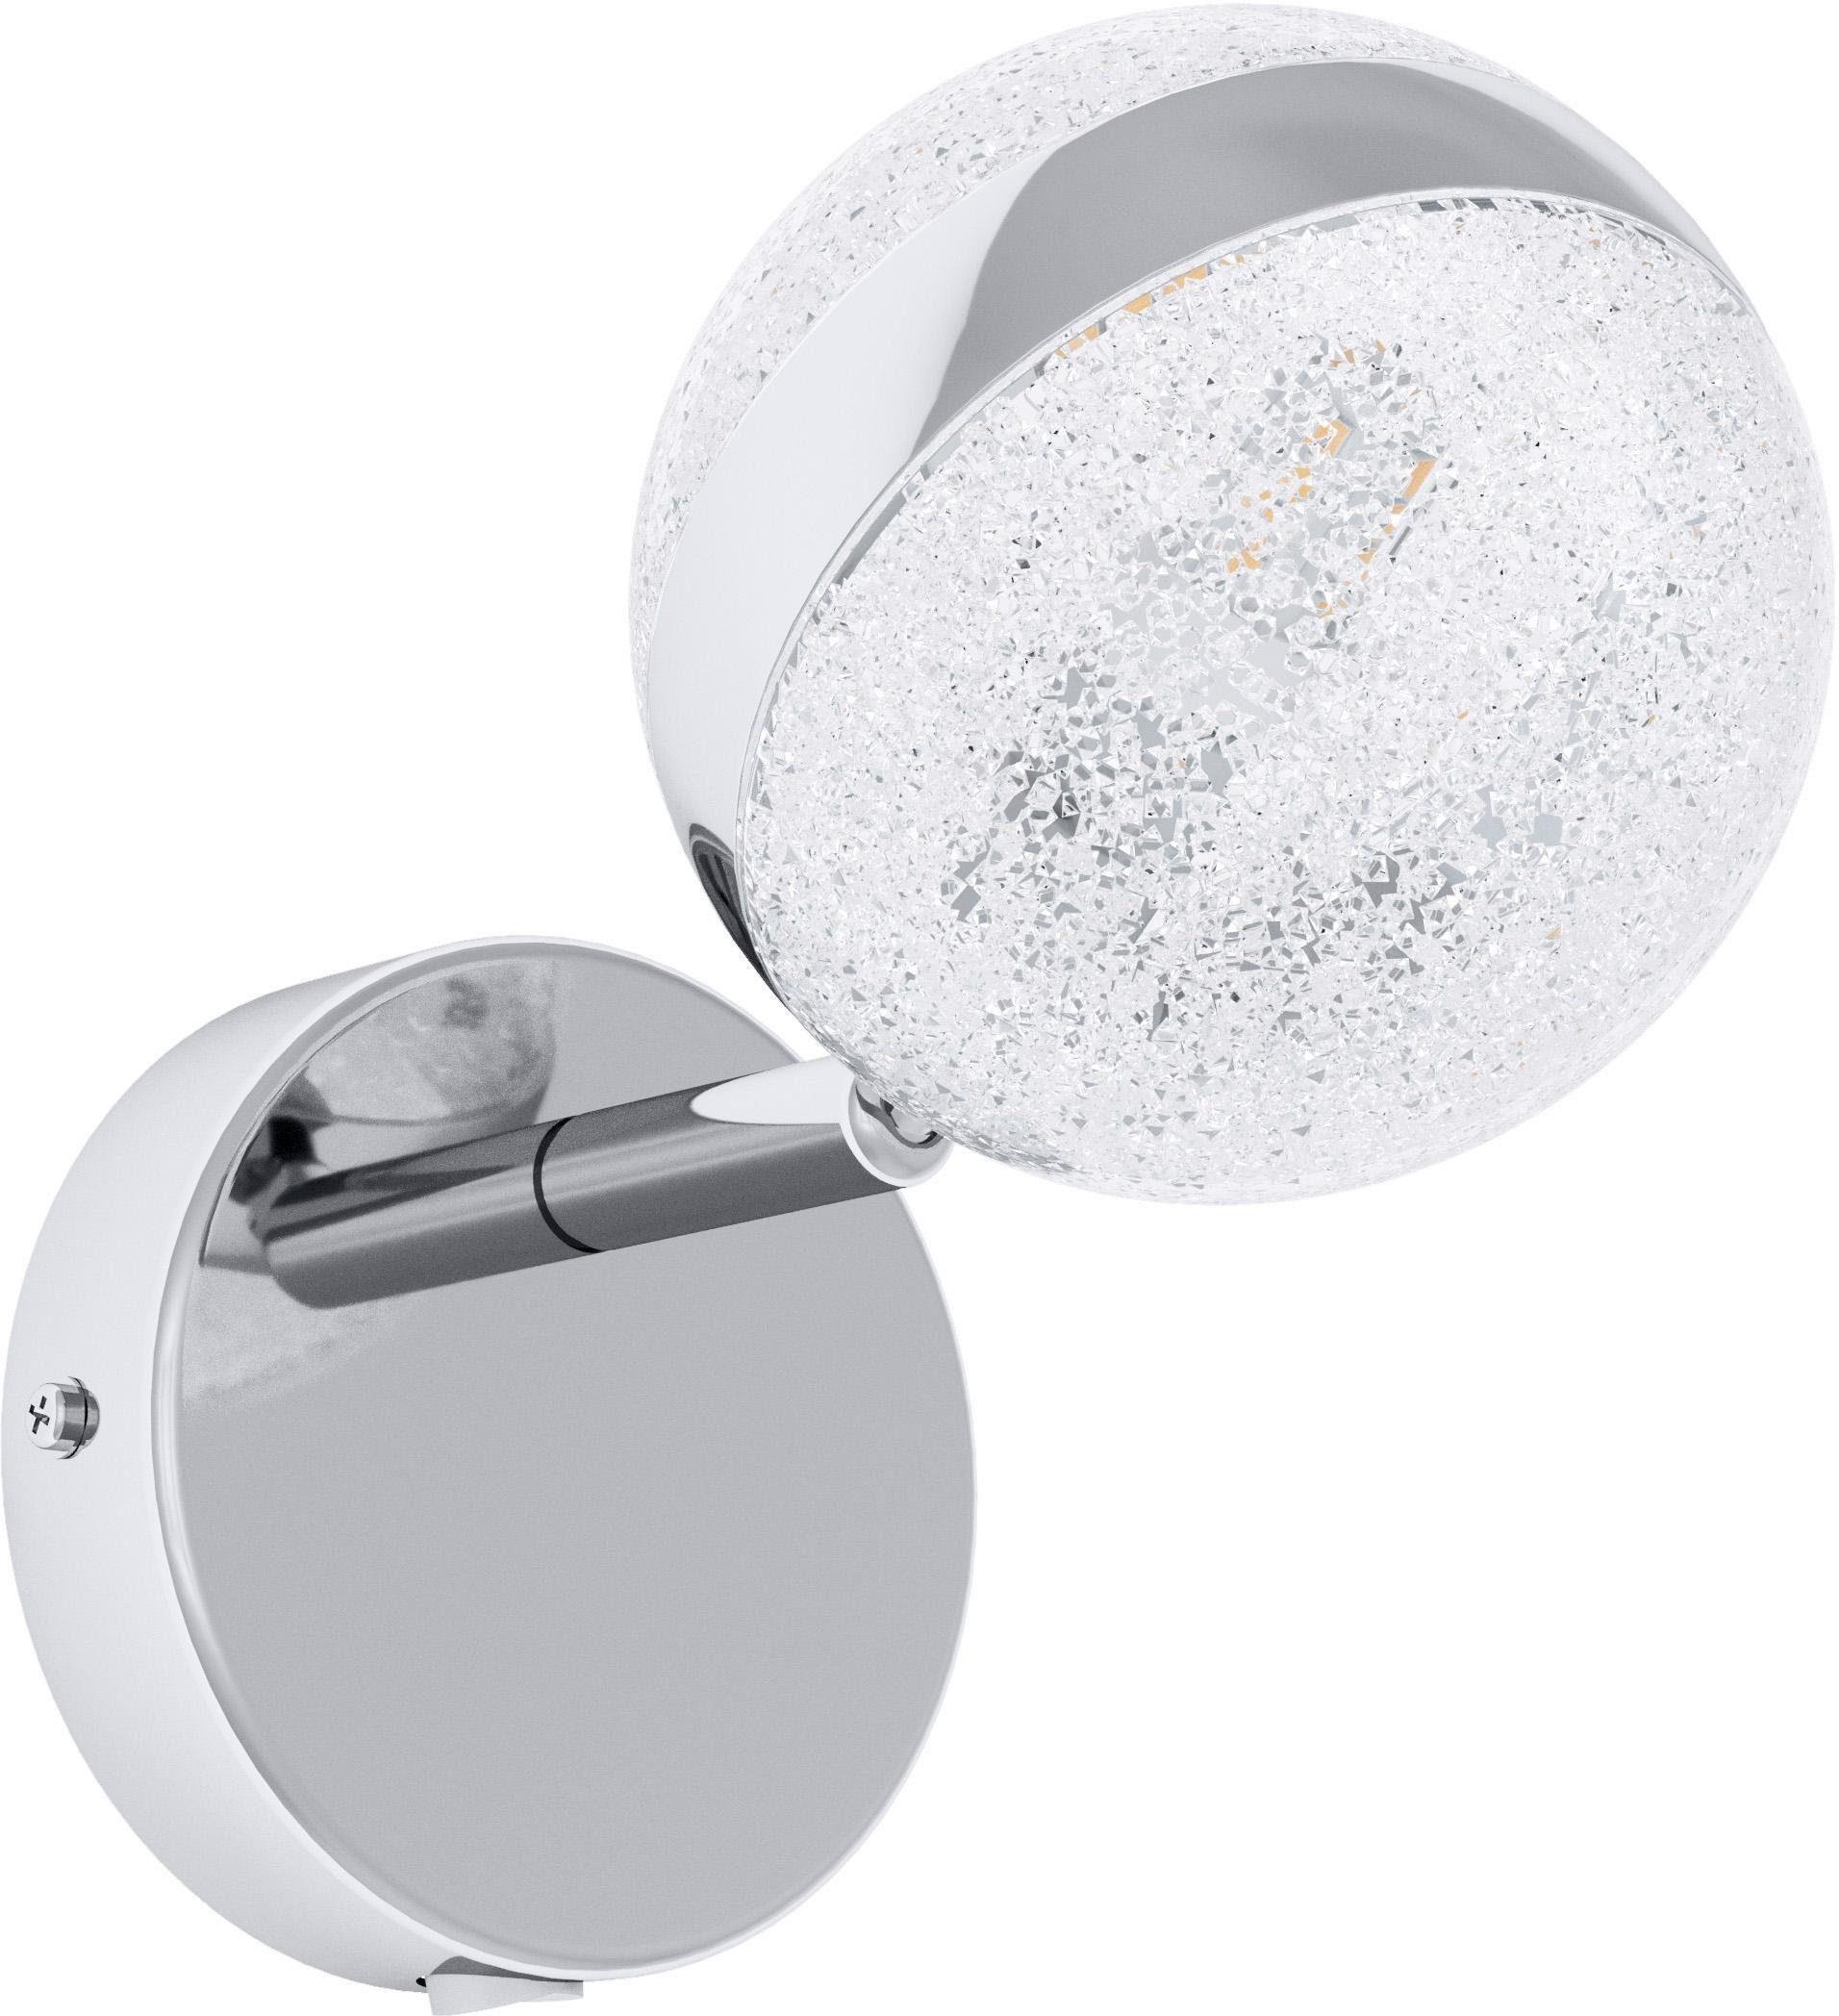 EGLO LED Wandleuchte SALTO 3, LED-Board-G9, Warmweiß